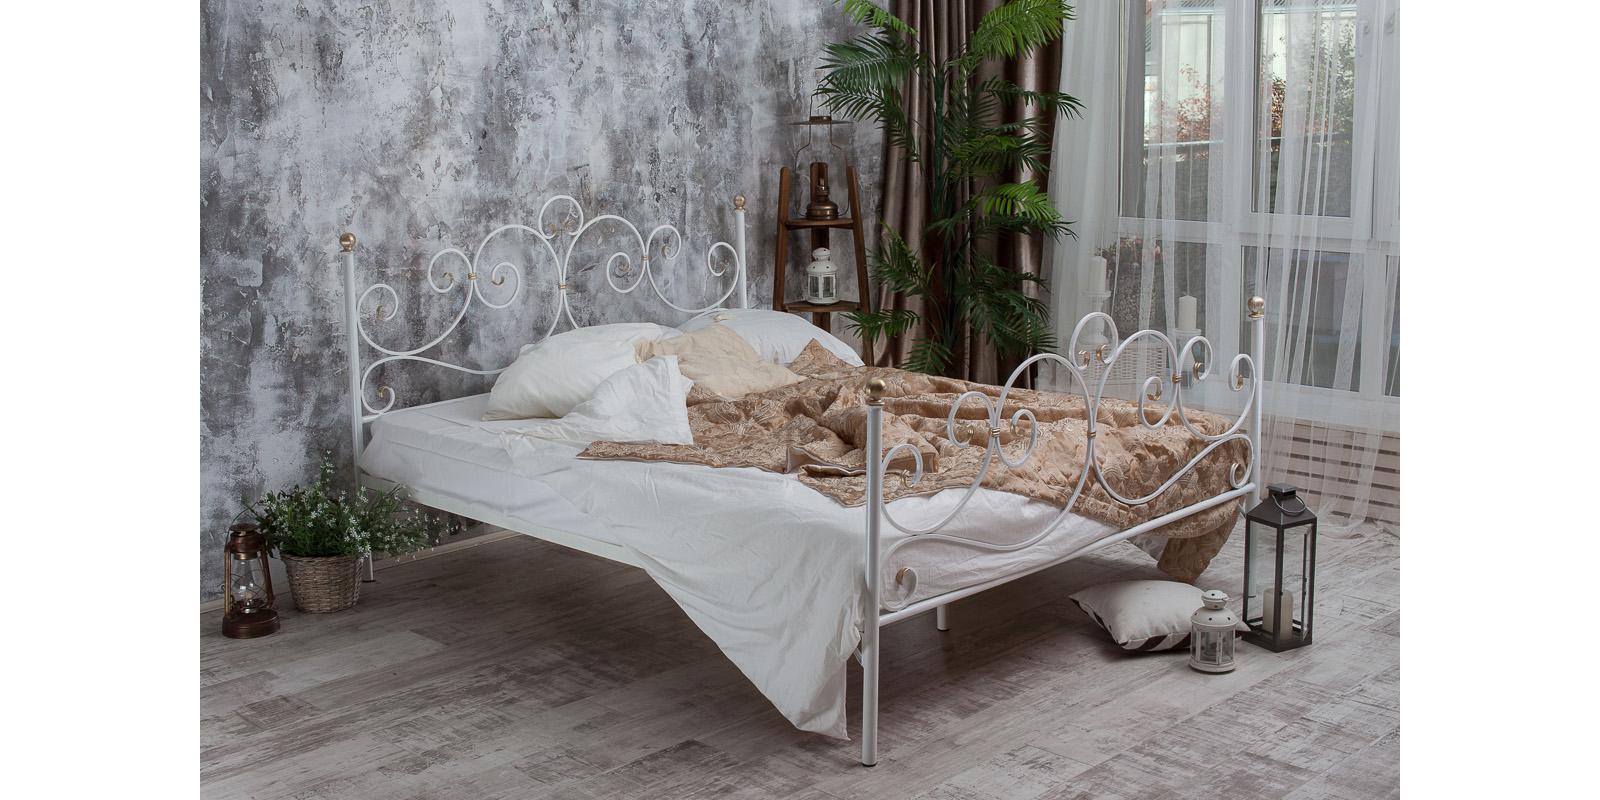 Металлическая кровать 160х200 Флоренция с ортопедическим основанием (белый с золотом) S014/2-6 Флоренция